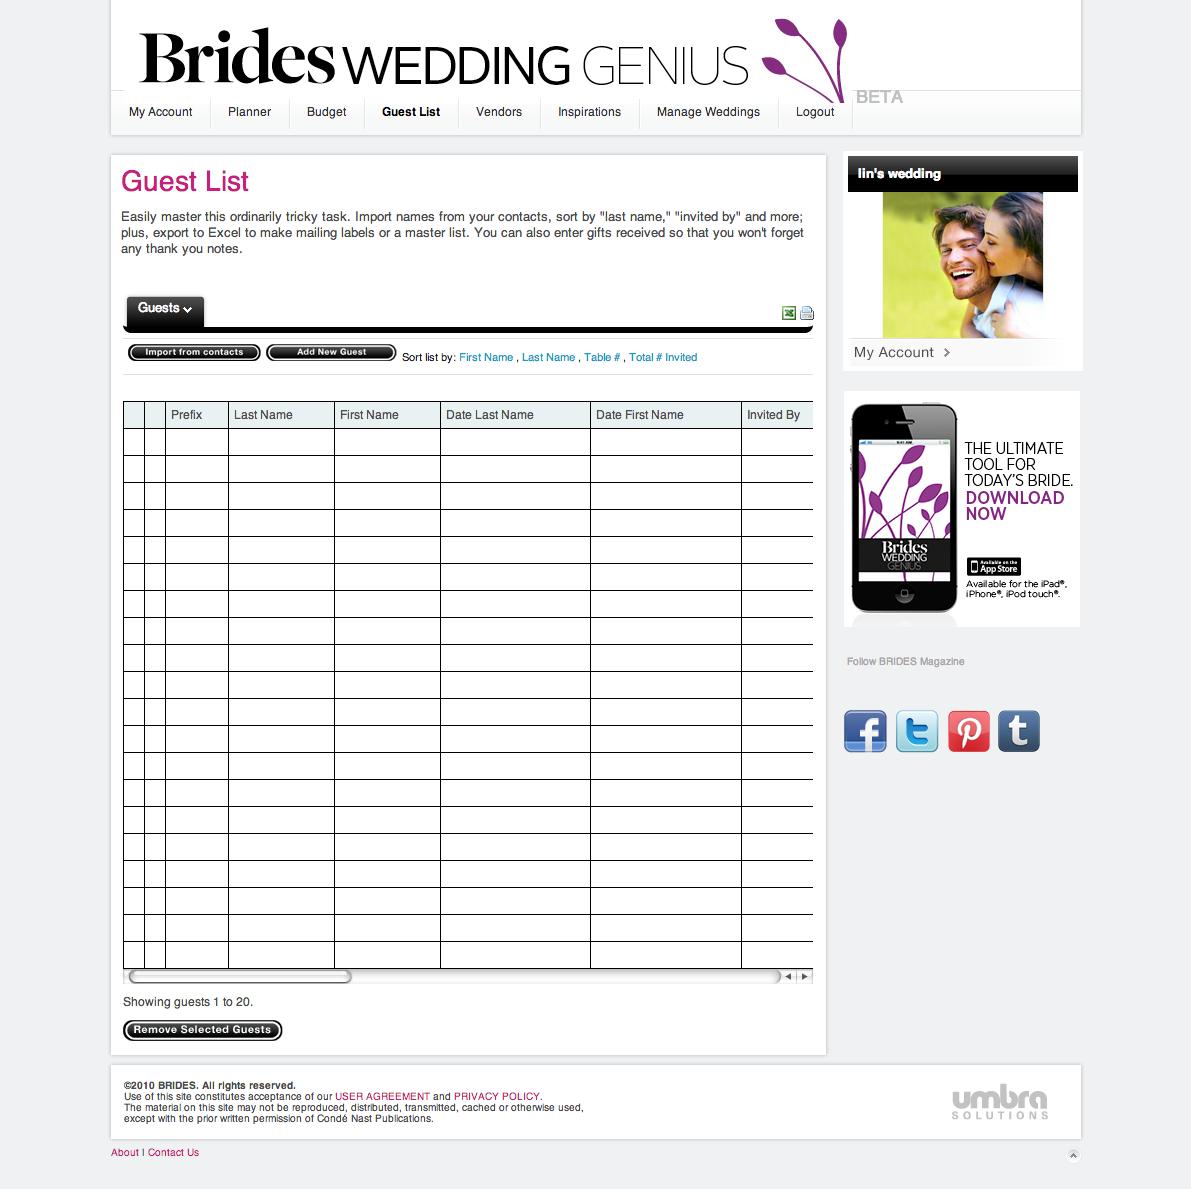 Brides+Wedding+Genius+-+Guest+List